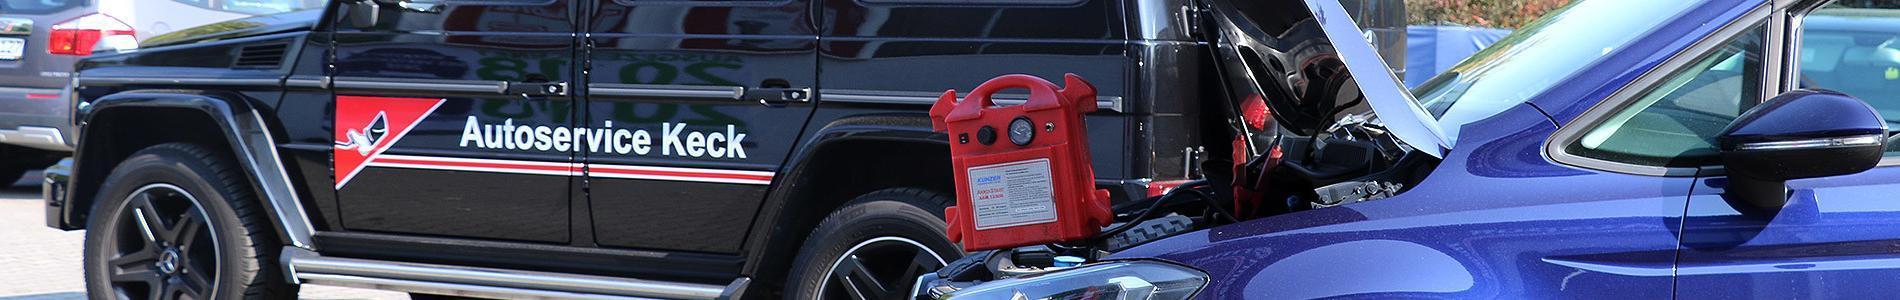 Mobilitätsgarantie von Autoservice Keck